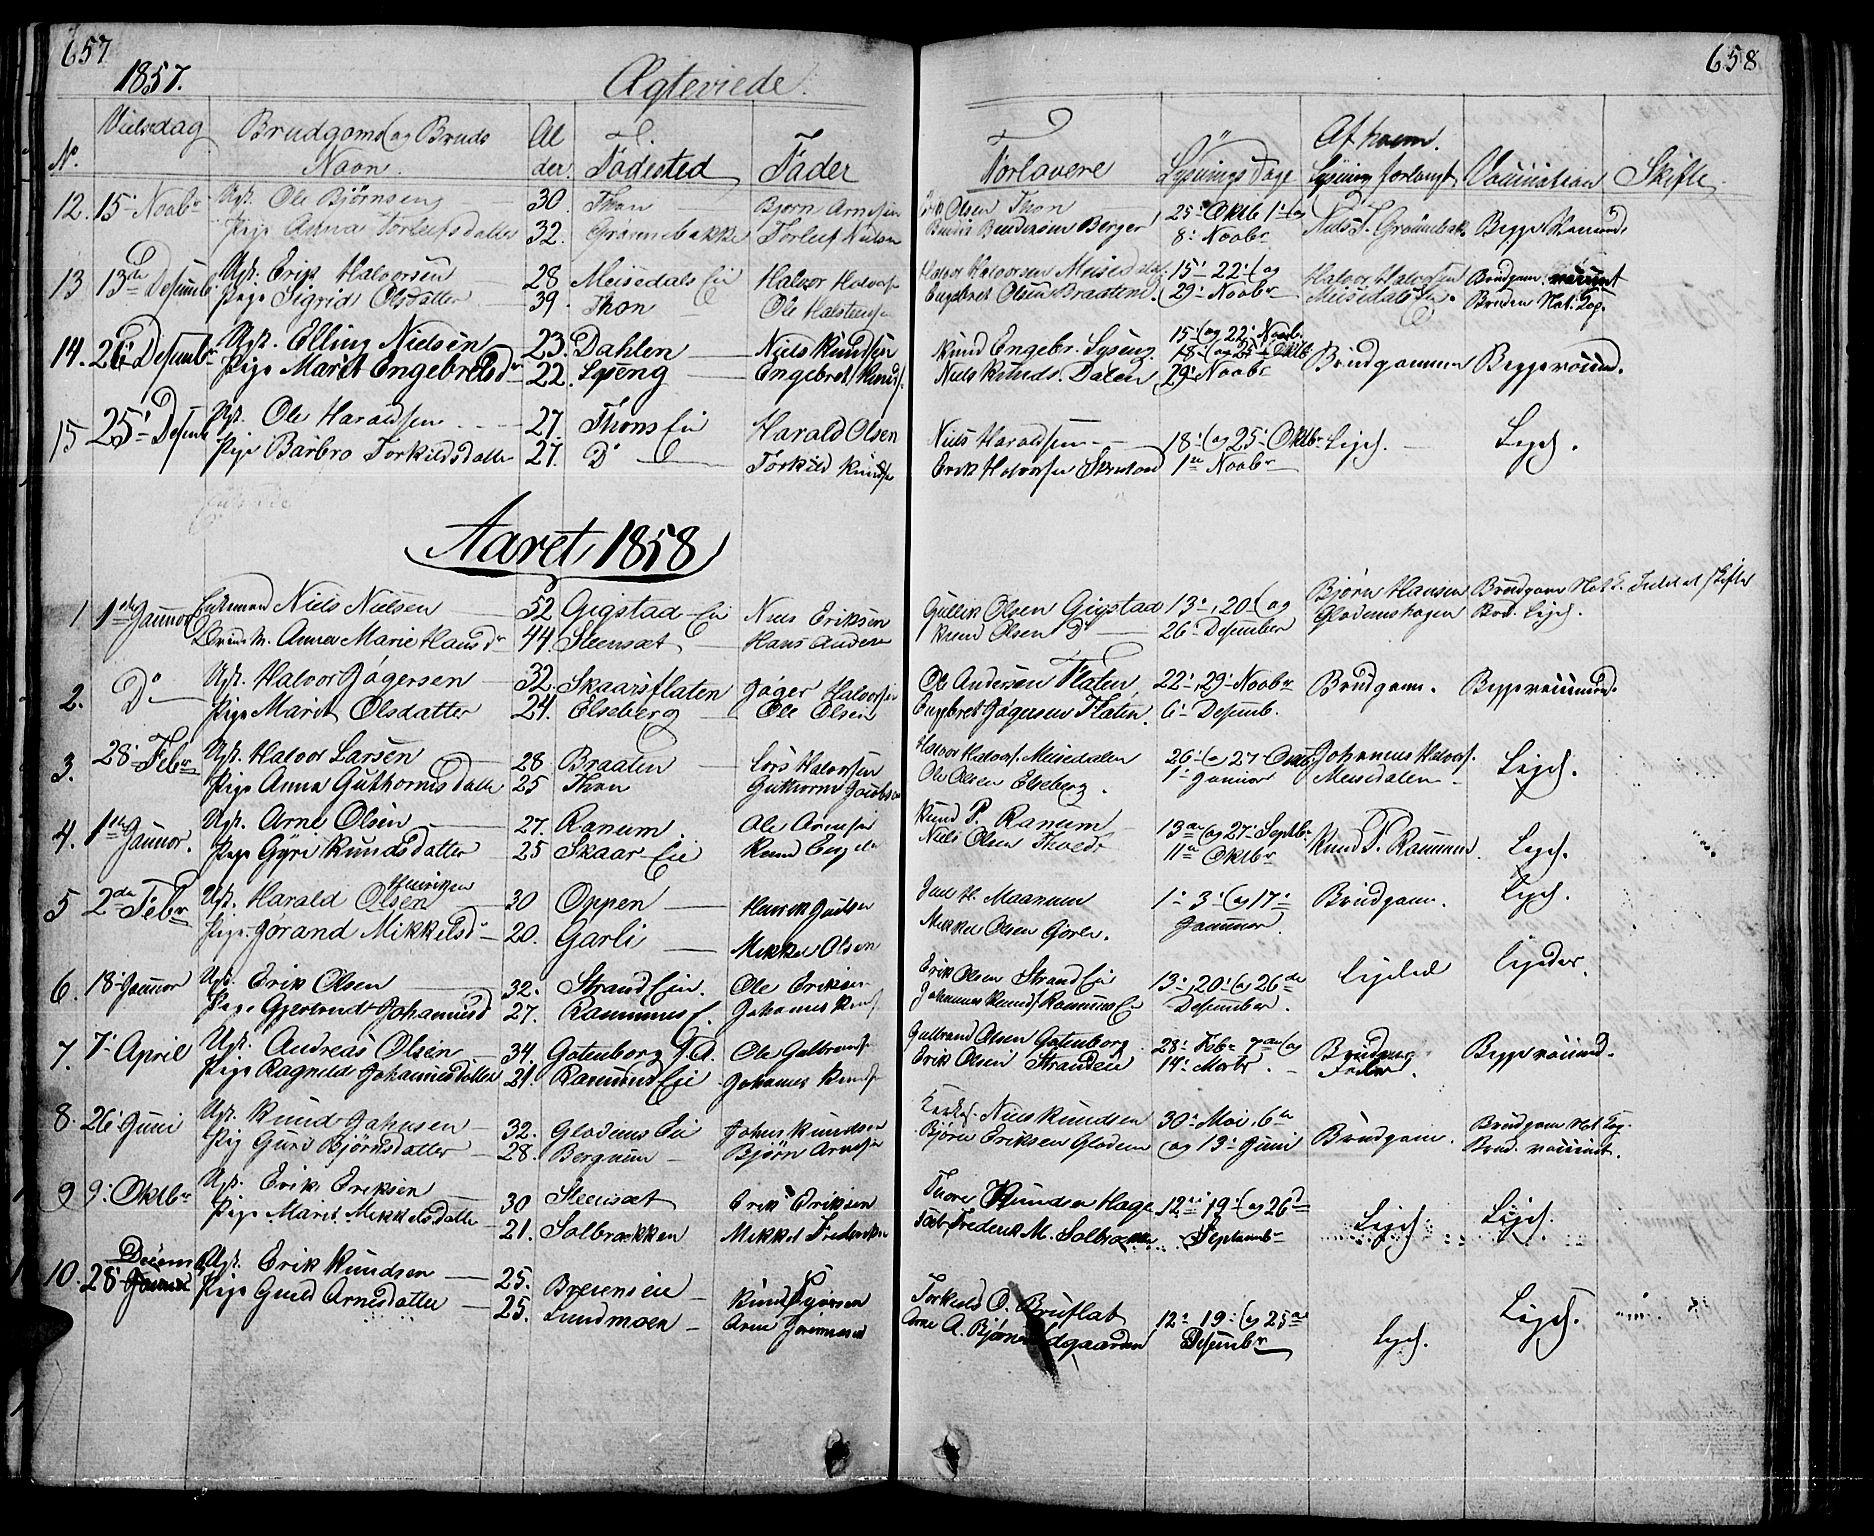 SAH, Nord-Aurdal prestekontor, Klokkerbok nr. 1, 1834-1887, s. 657-658